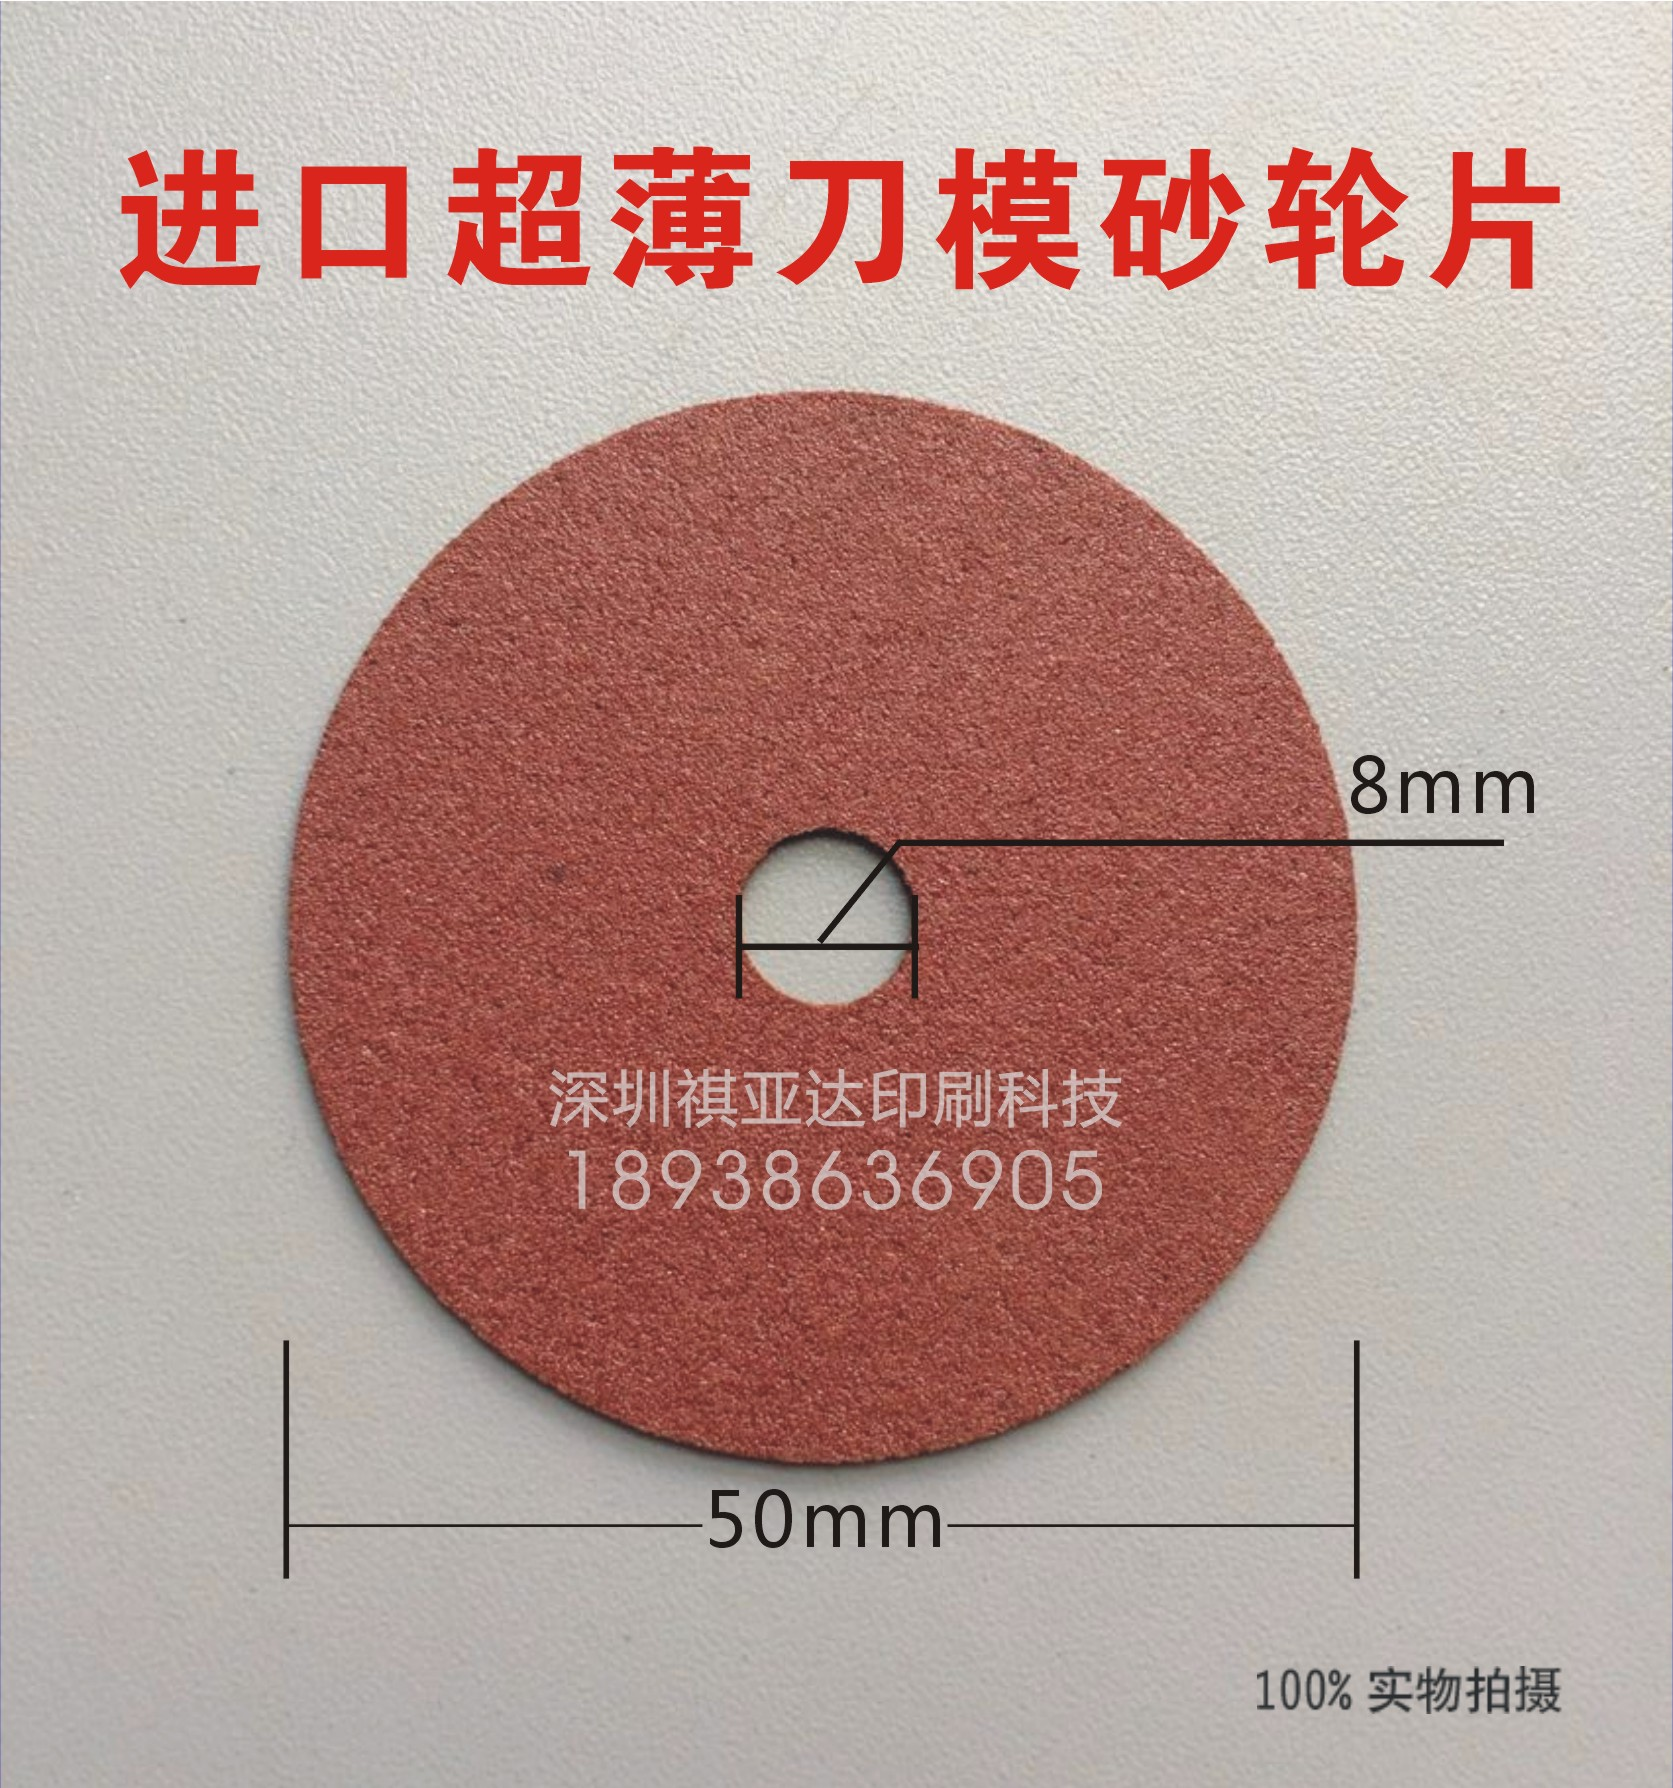 进口砂轮片打口机磨碟片刀模打点片模切打口刀模砂轮片8*50mm